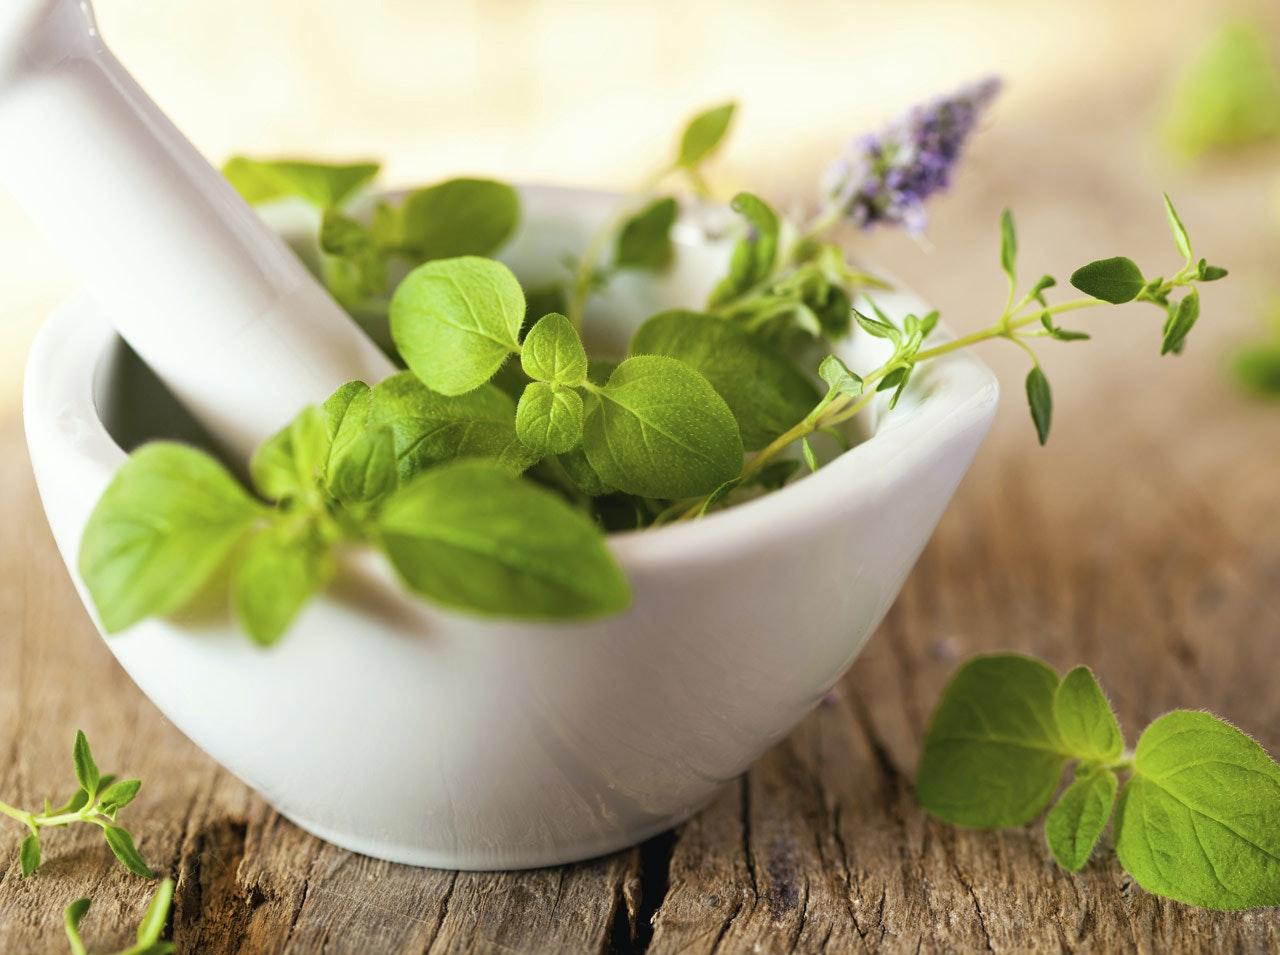 Enceinte se soigner par les plantes - Plante pour soigner les verrues ...